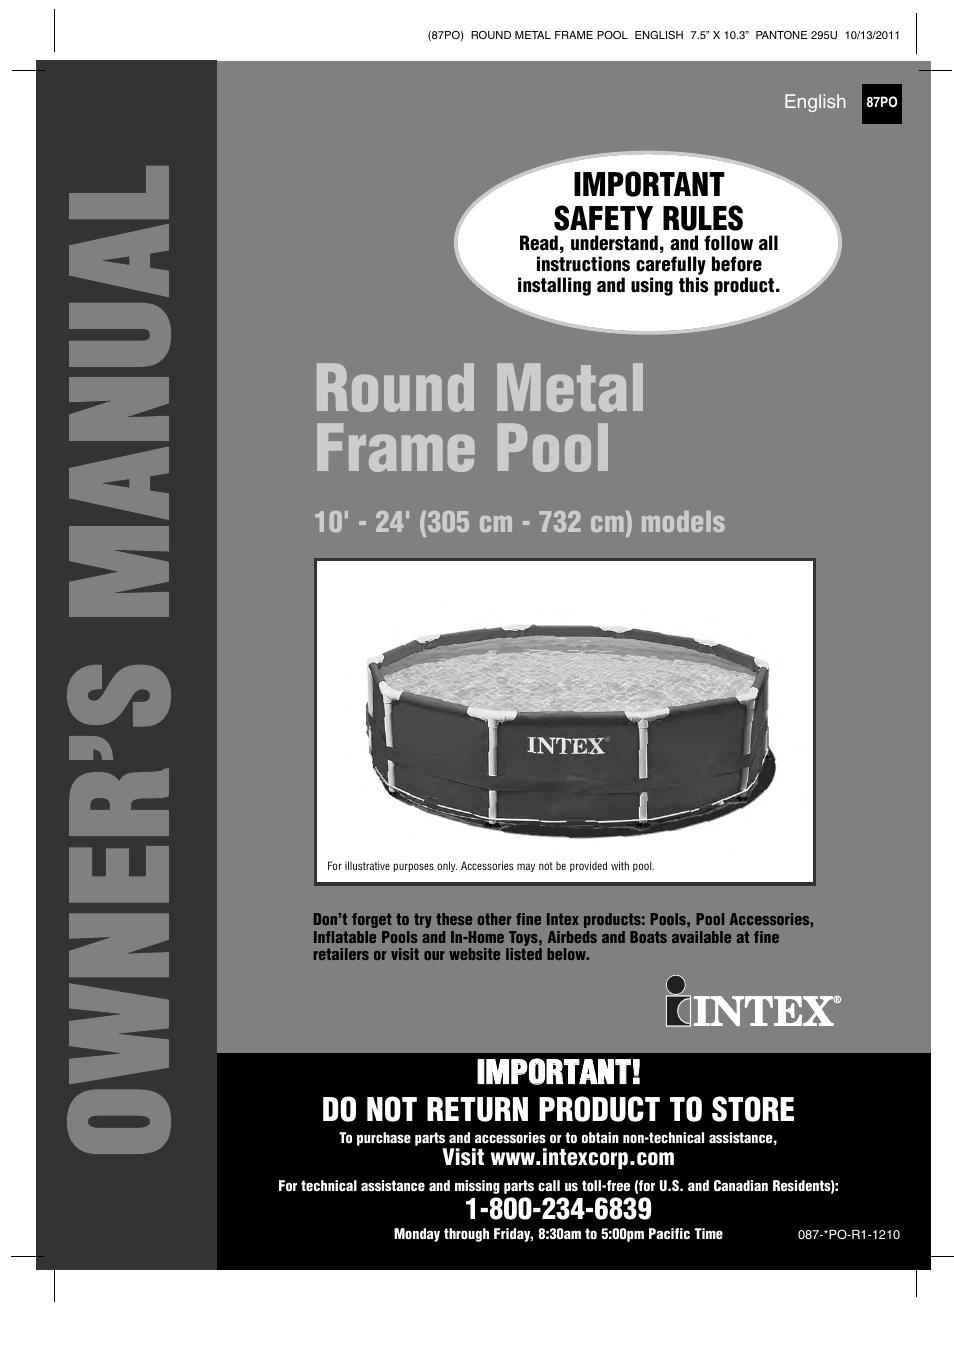 Intex 18 Ft X 48 In Metal Frame Pool User Manual 19